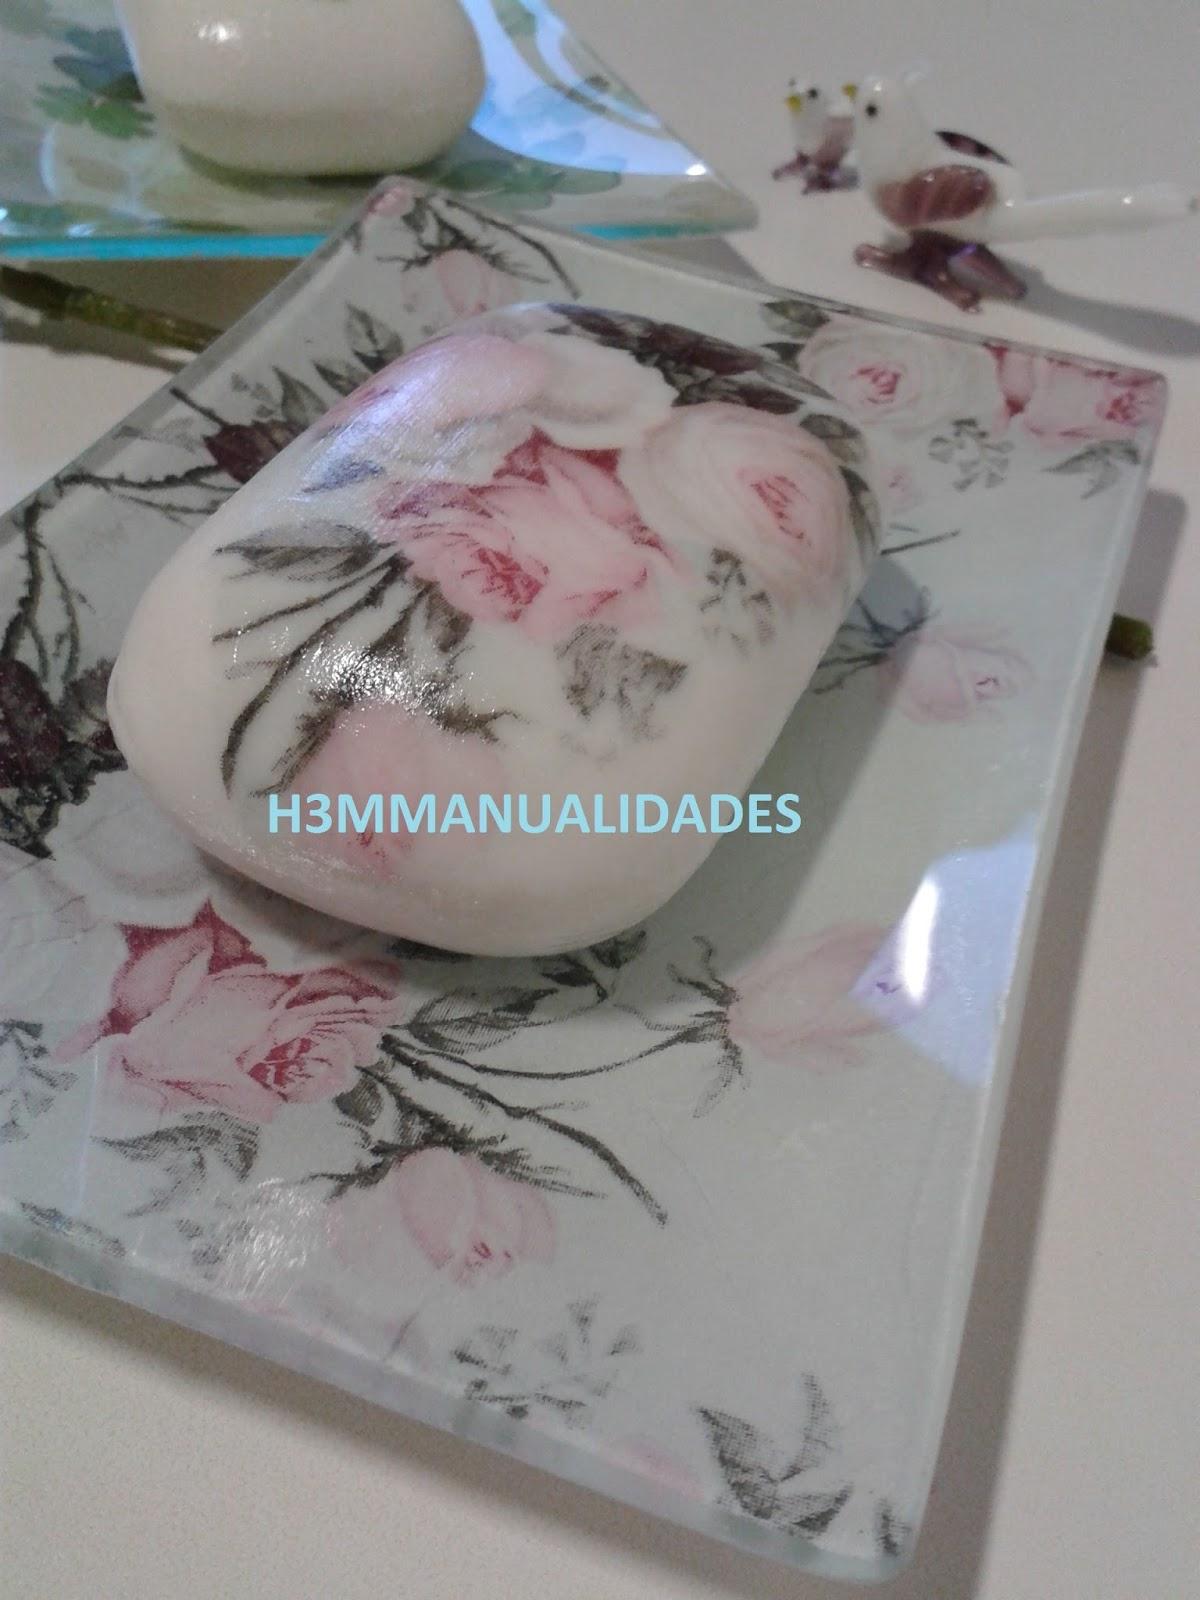 H3M MANUALIDADES: DECOUPAGE EN JABONES Y JABONERAS DE CRISTAL